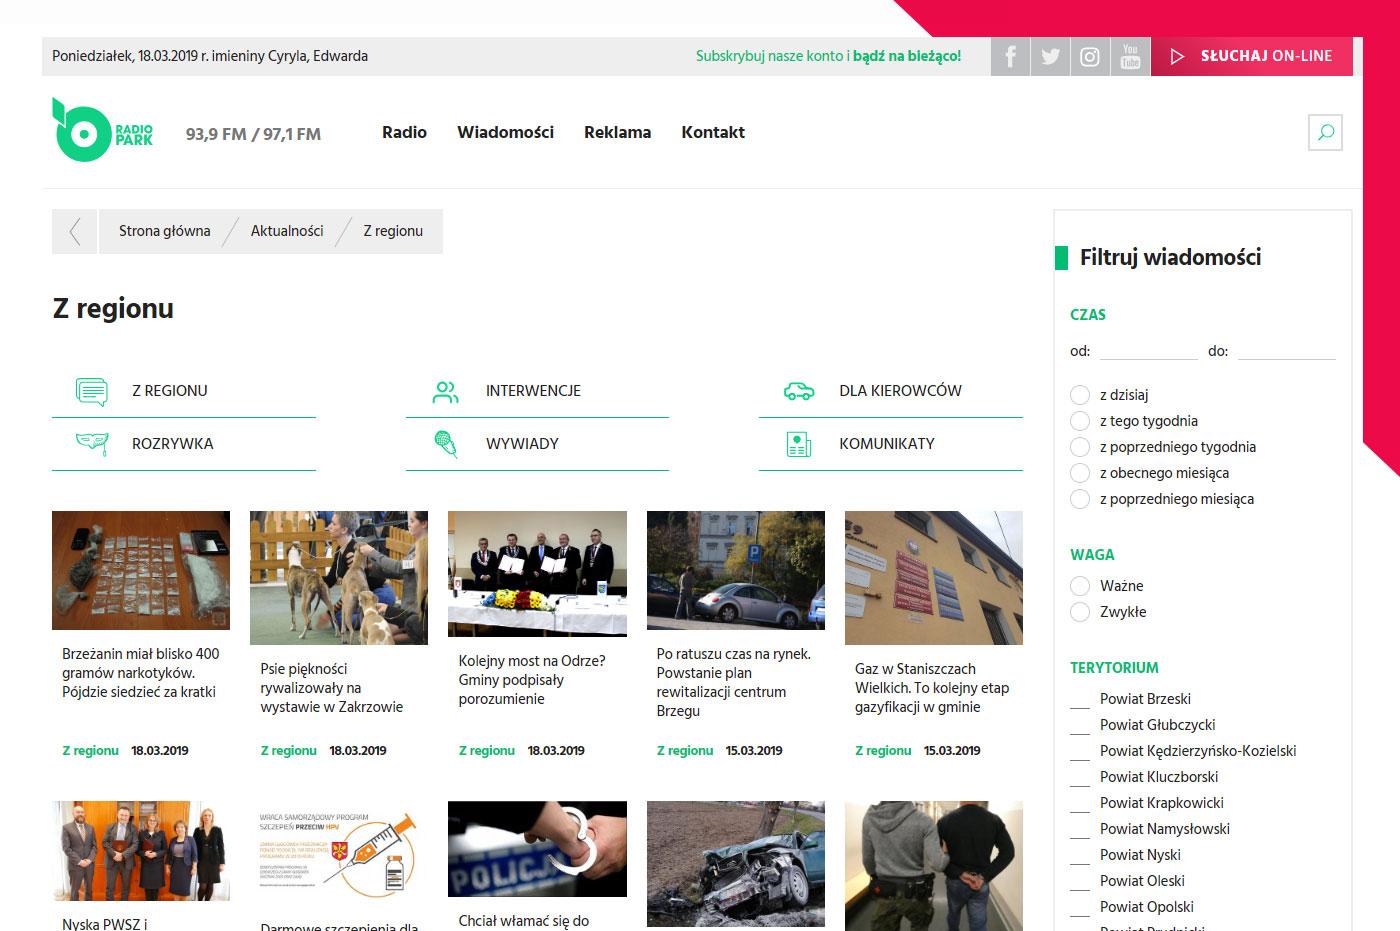 Nowoczesny portal internetowy